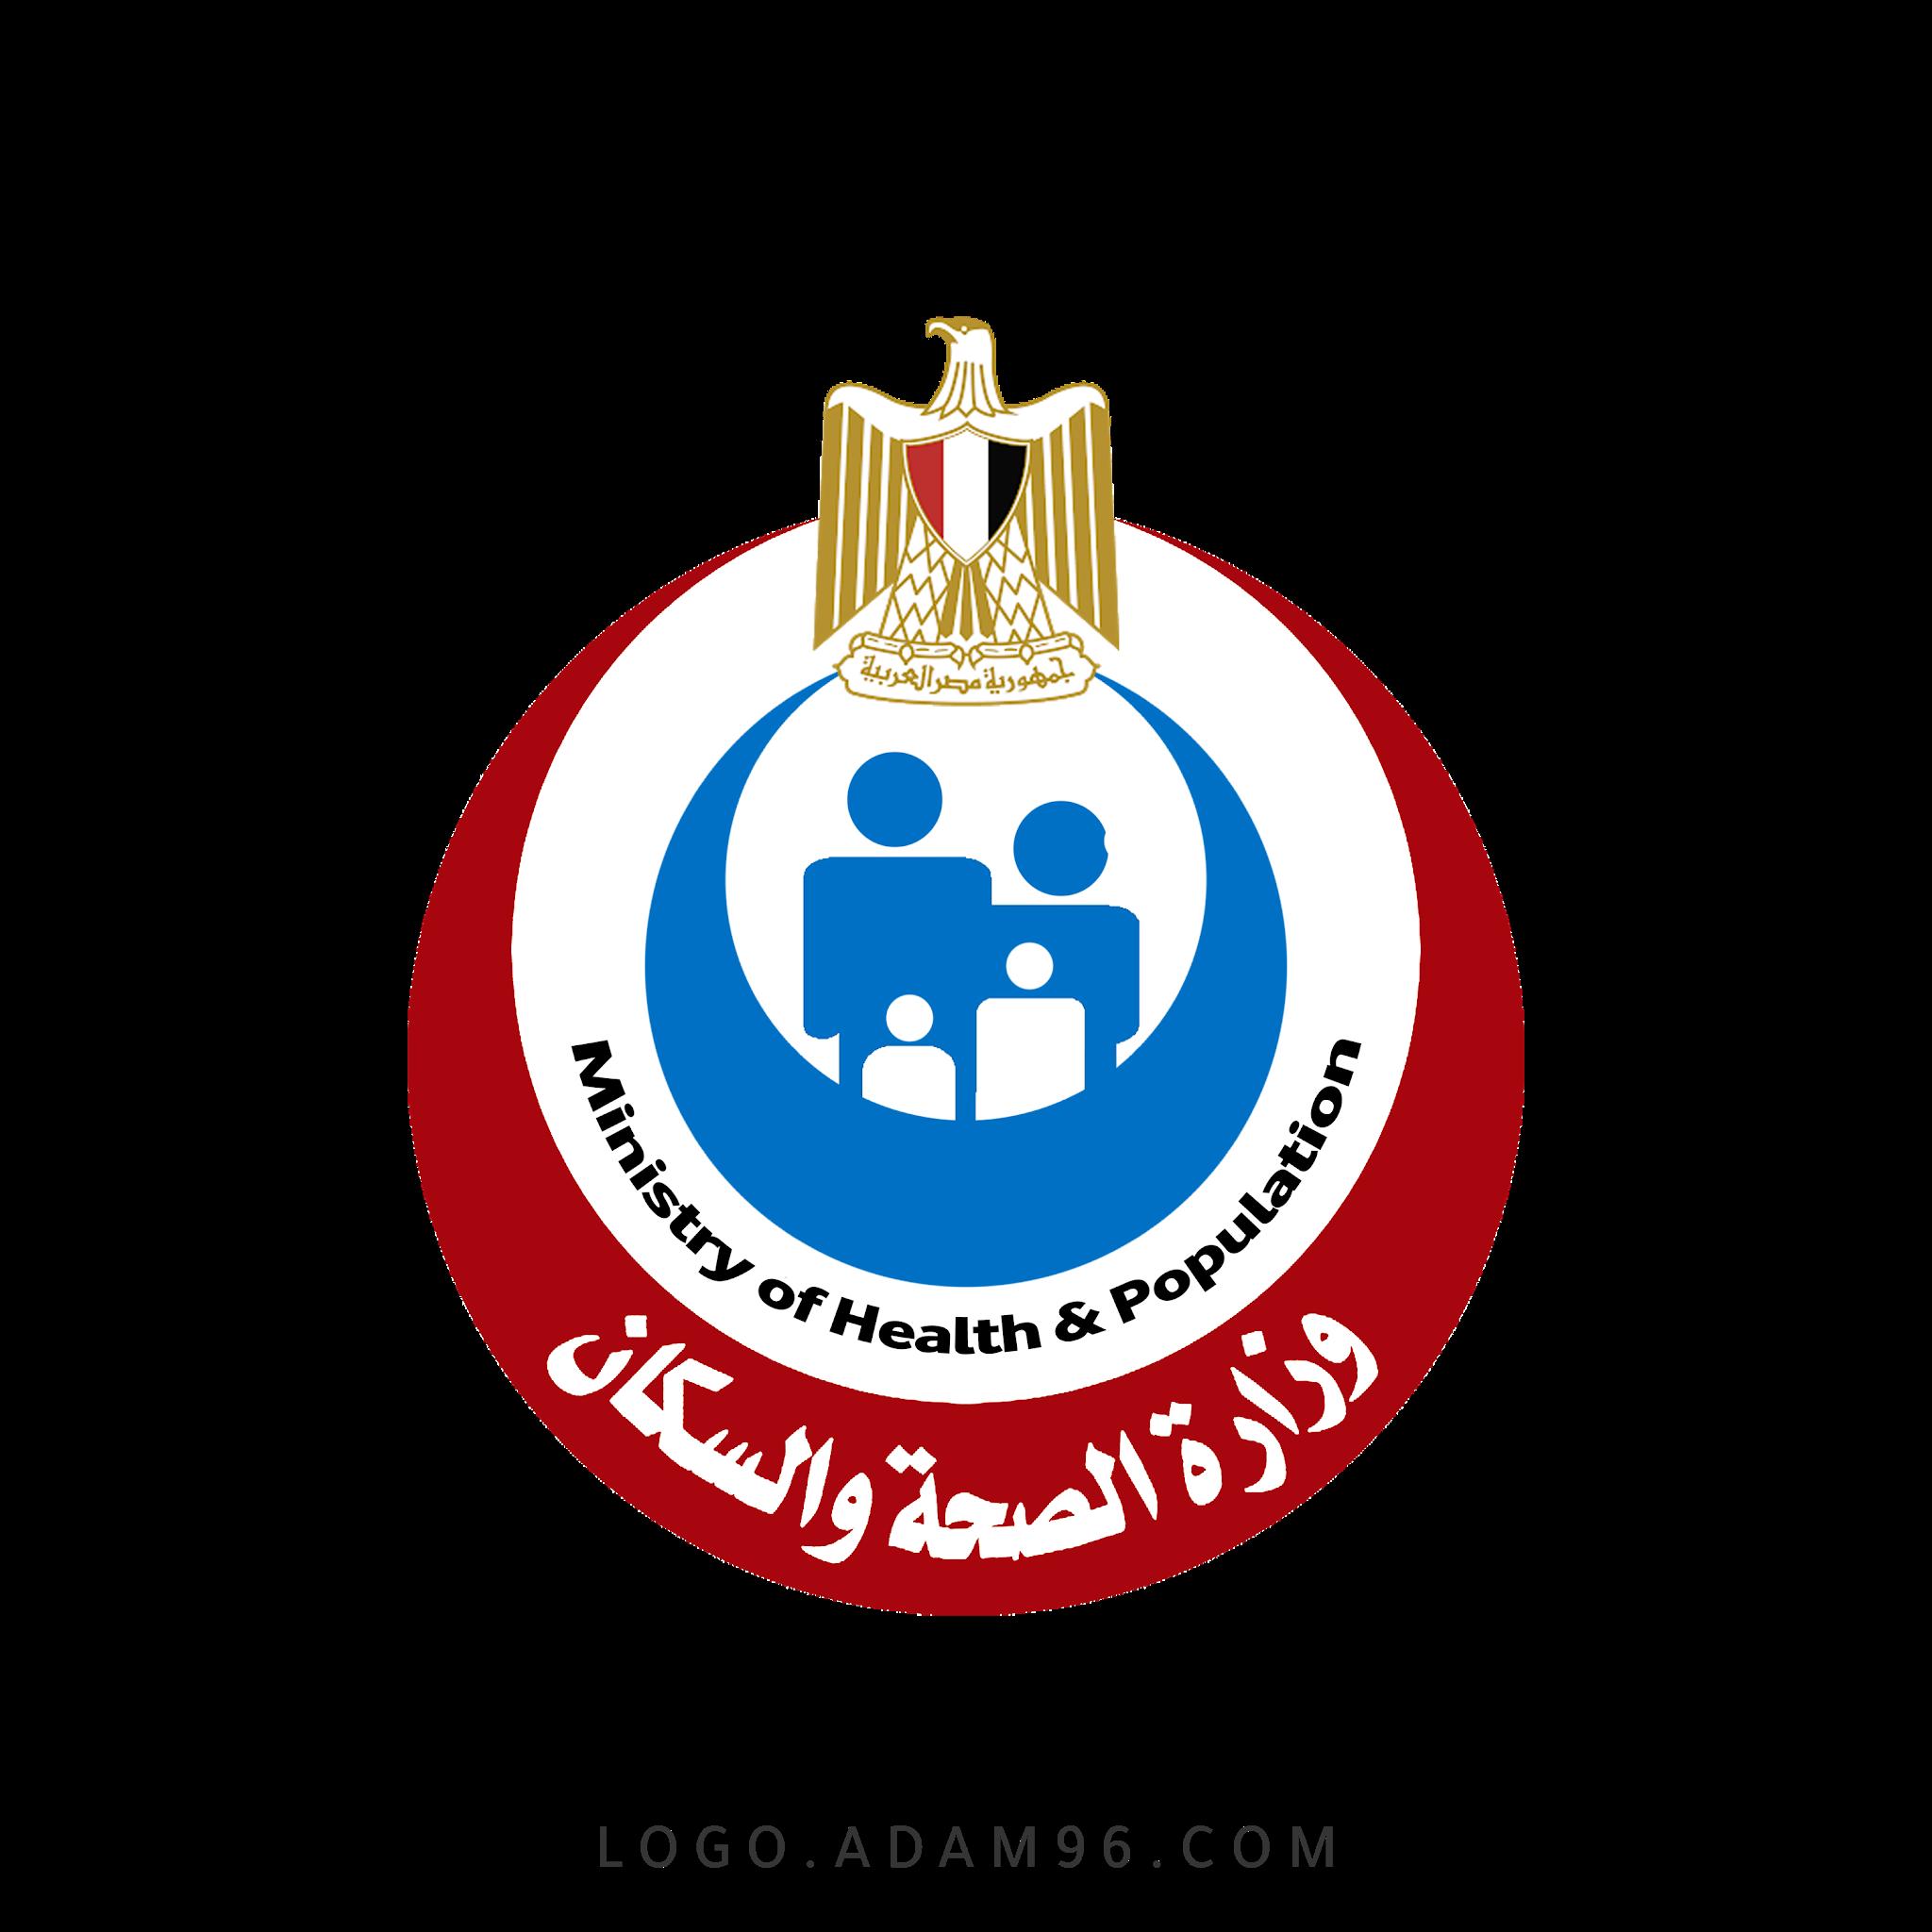 تحميل شعار وزارة الصحة جمهورية مصر العربية لوجو شفاف بصيغة PNG